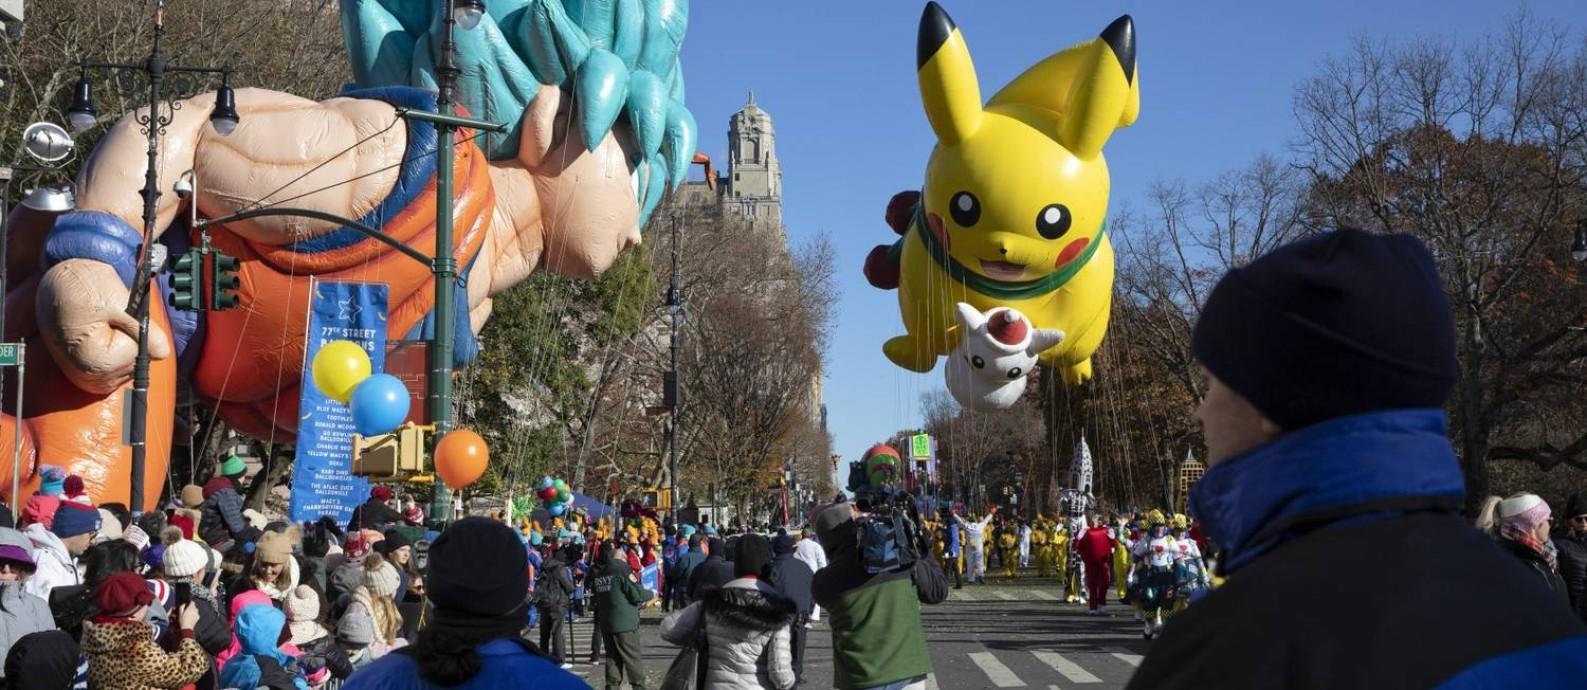 Balões do Goku, personagem do desenho Dragon Ball, e o icônico Pokémon Pikachu, na parada do Dia de Ação de Graças de 2018 em Nova York Foto: GABRIELLA ANGOTTI-JONES / NYT/22-11-18